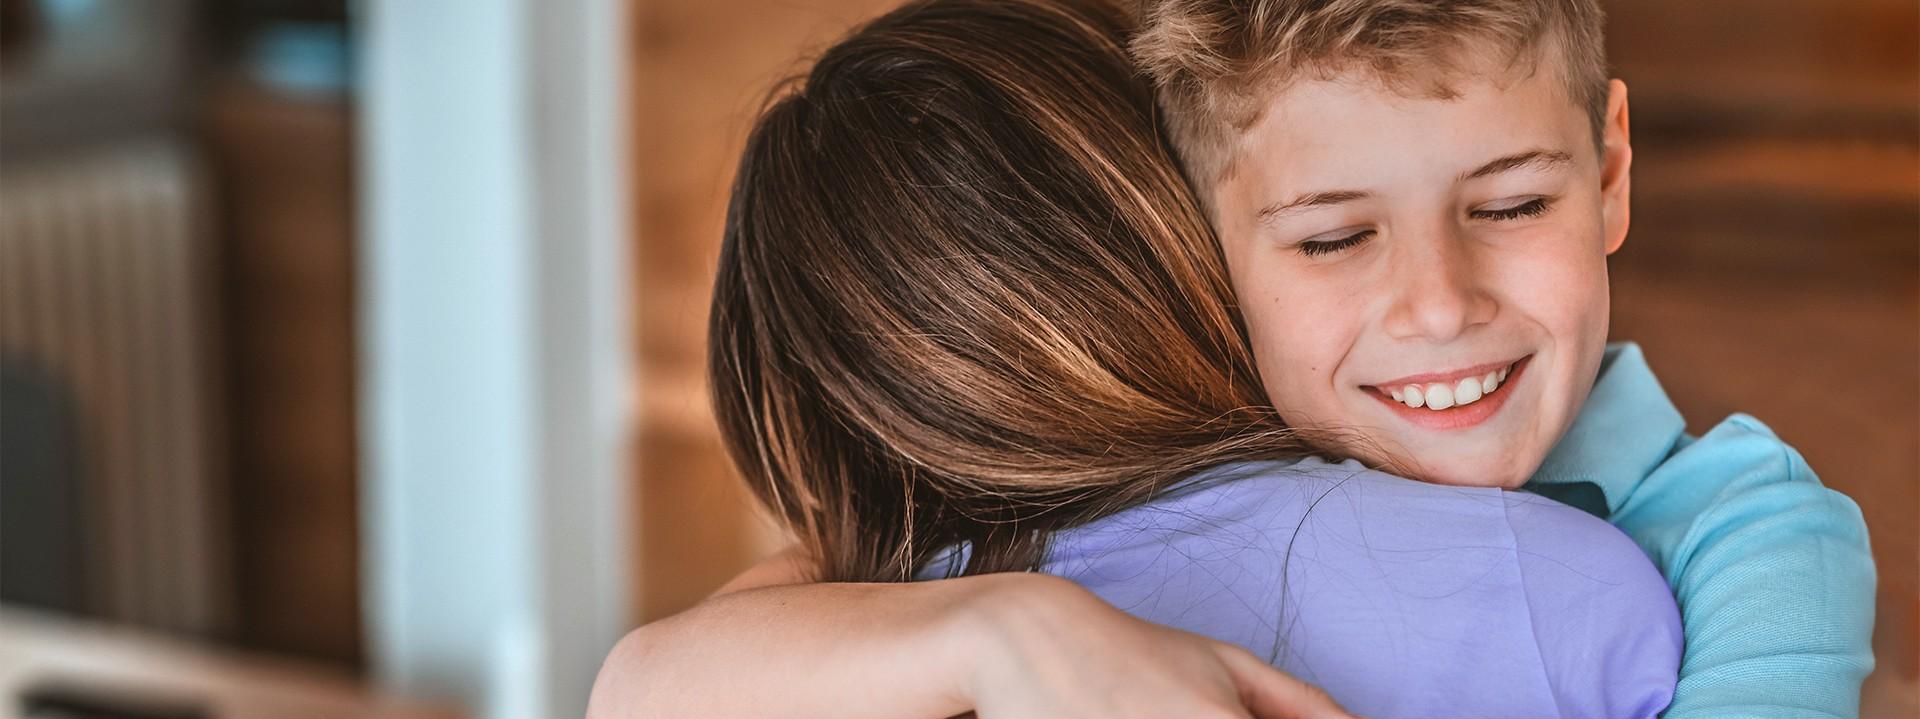 Ein Junge umarmt eine Frau und lächelt dabei.